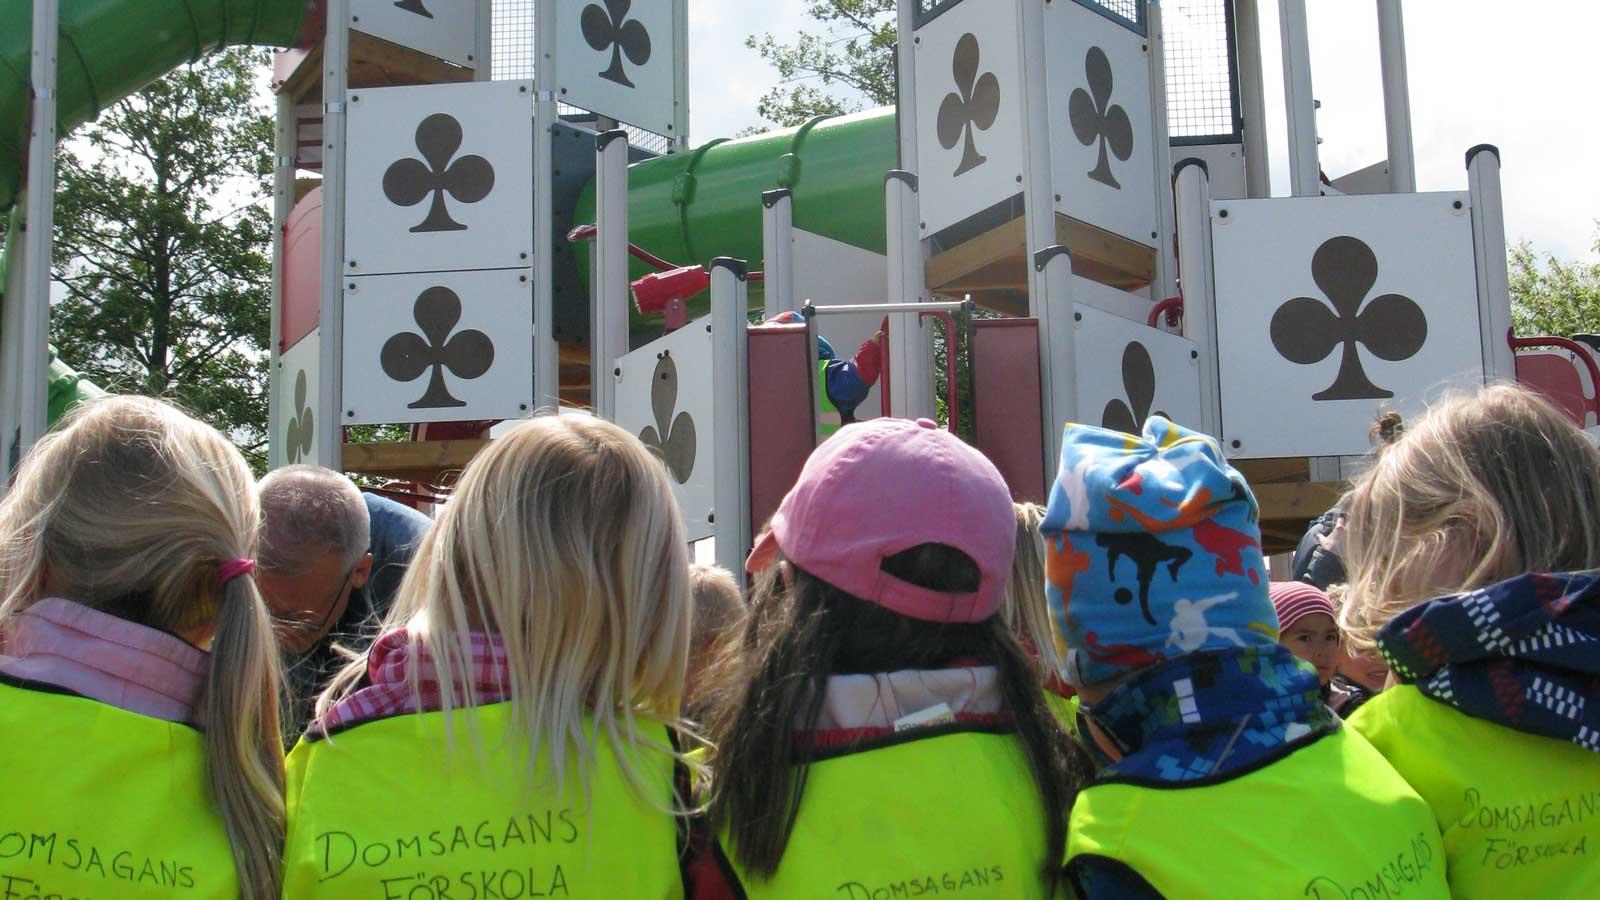 Barn på lekplats. Foto: Ivar Sjögrenför StaffanstorpsAktuellt